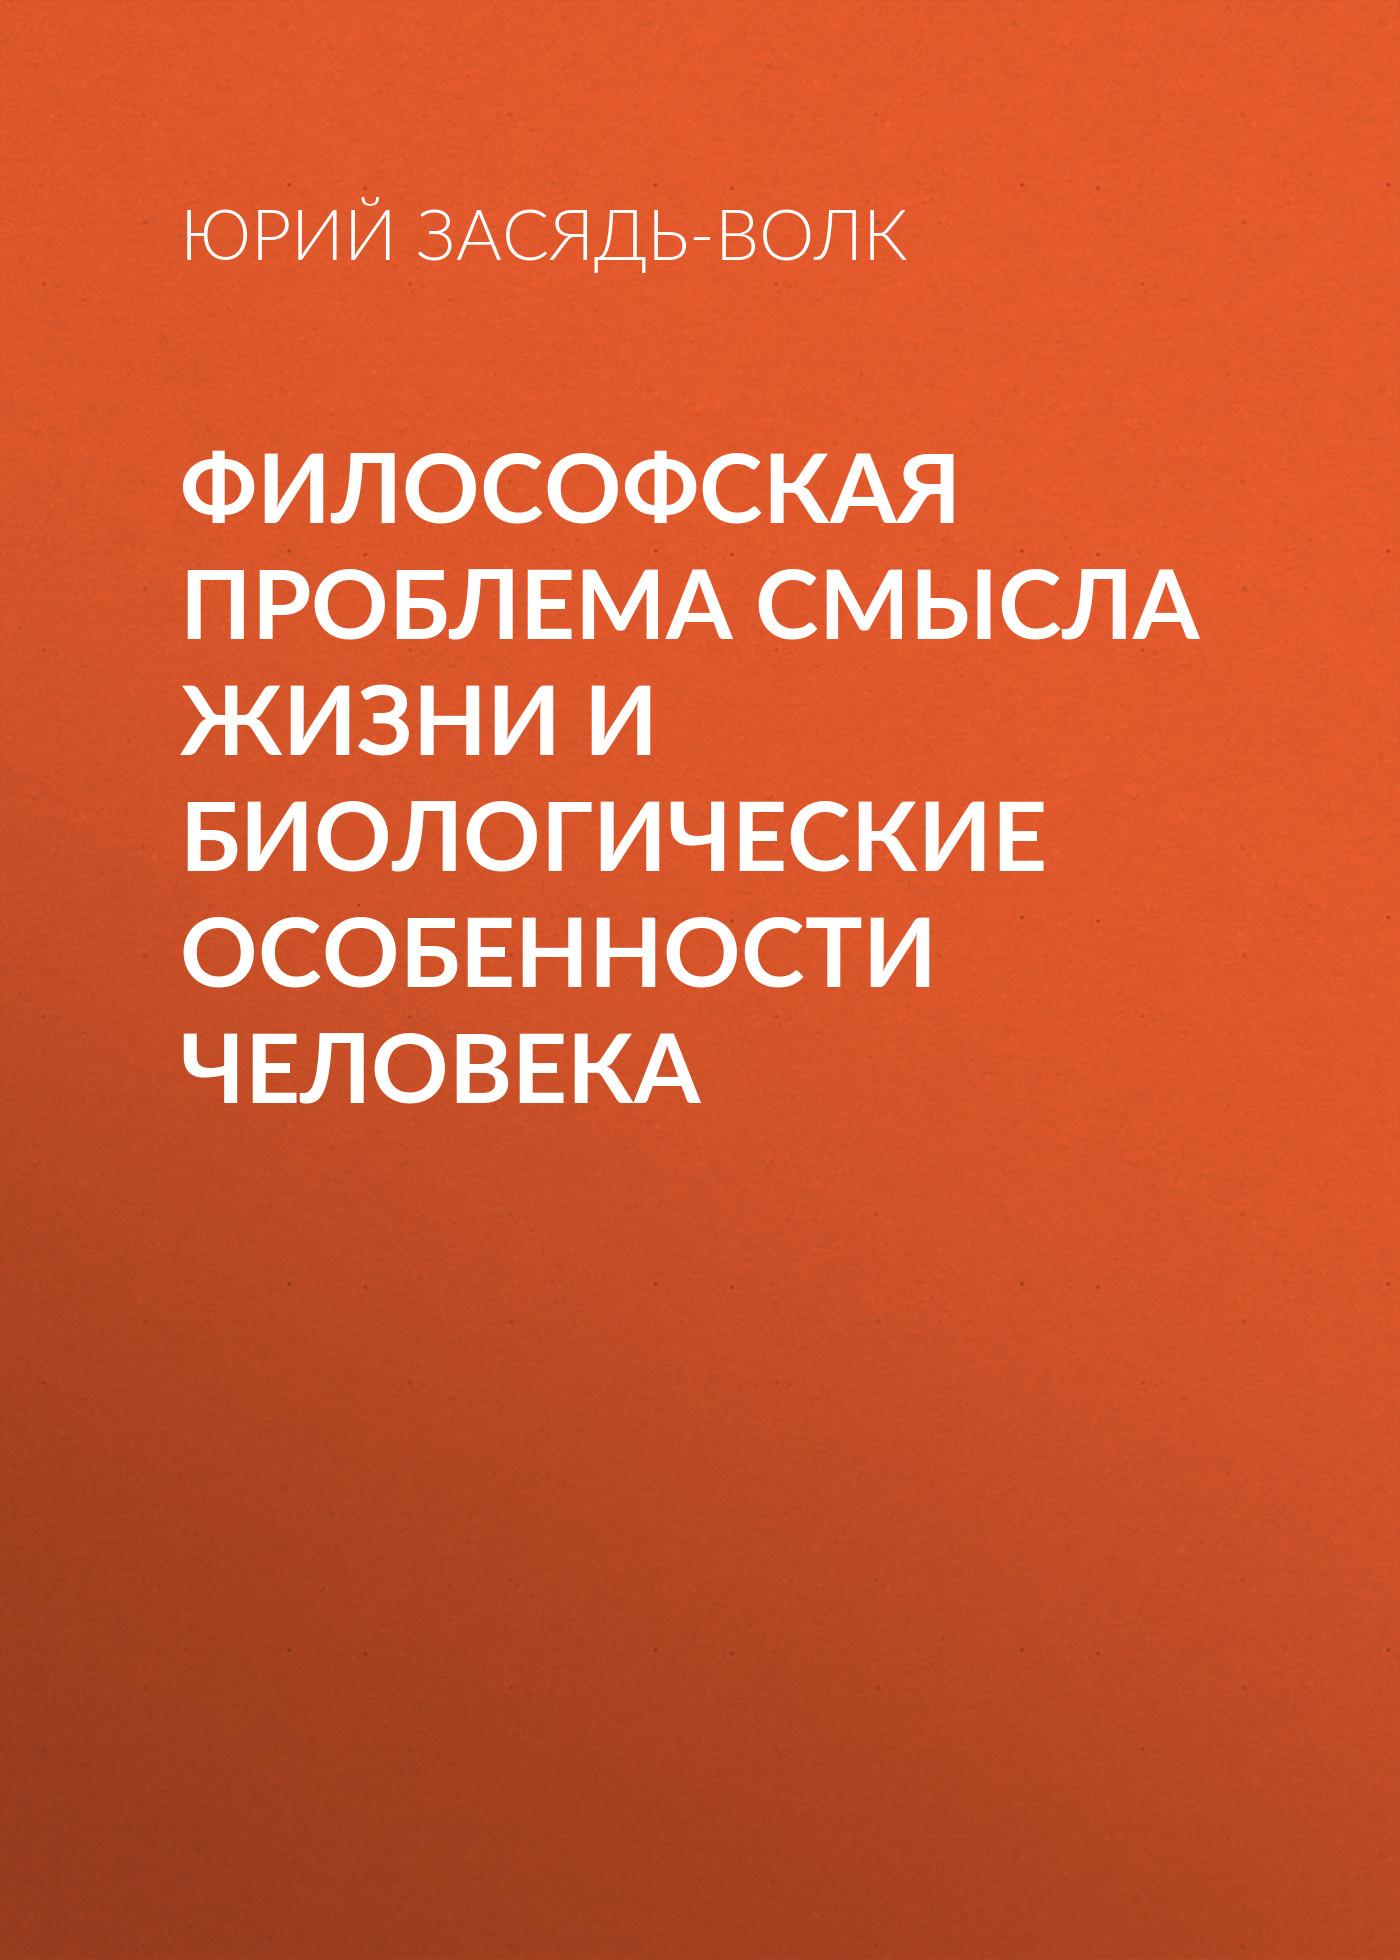 Юрий Засядь-Волк Философская проблема смысла жизни и биологические особенности человека